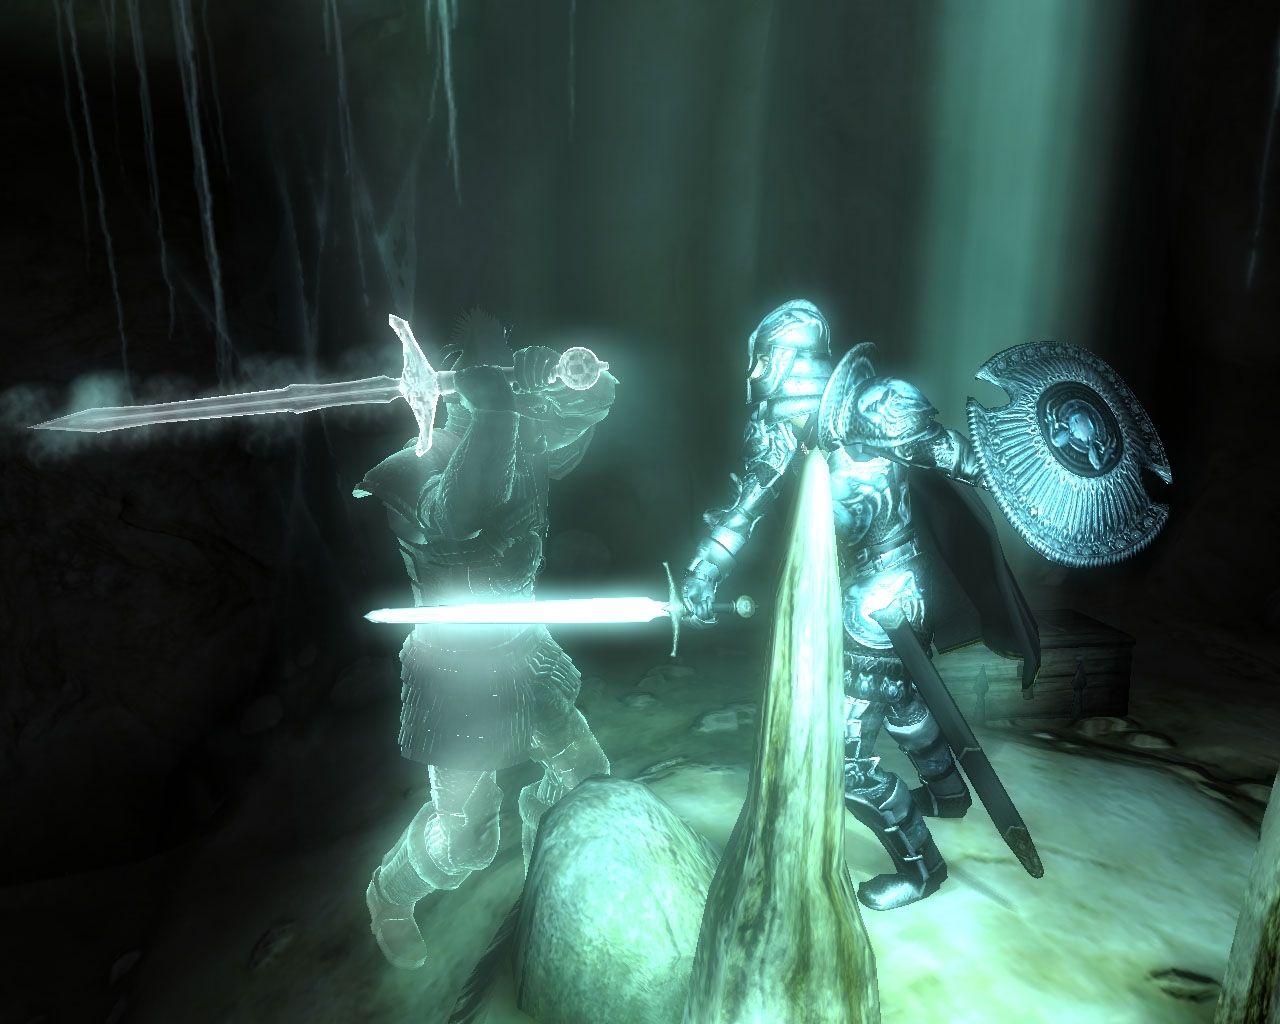 Image - Oscuro's Oblivion Overhaul mod for Elder Scrolls IV